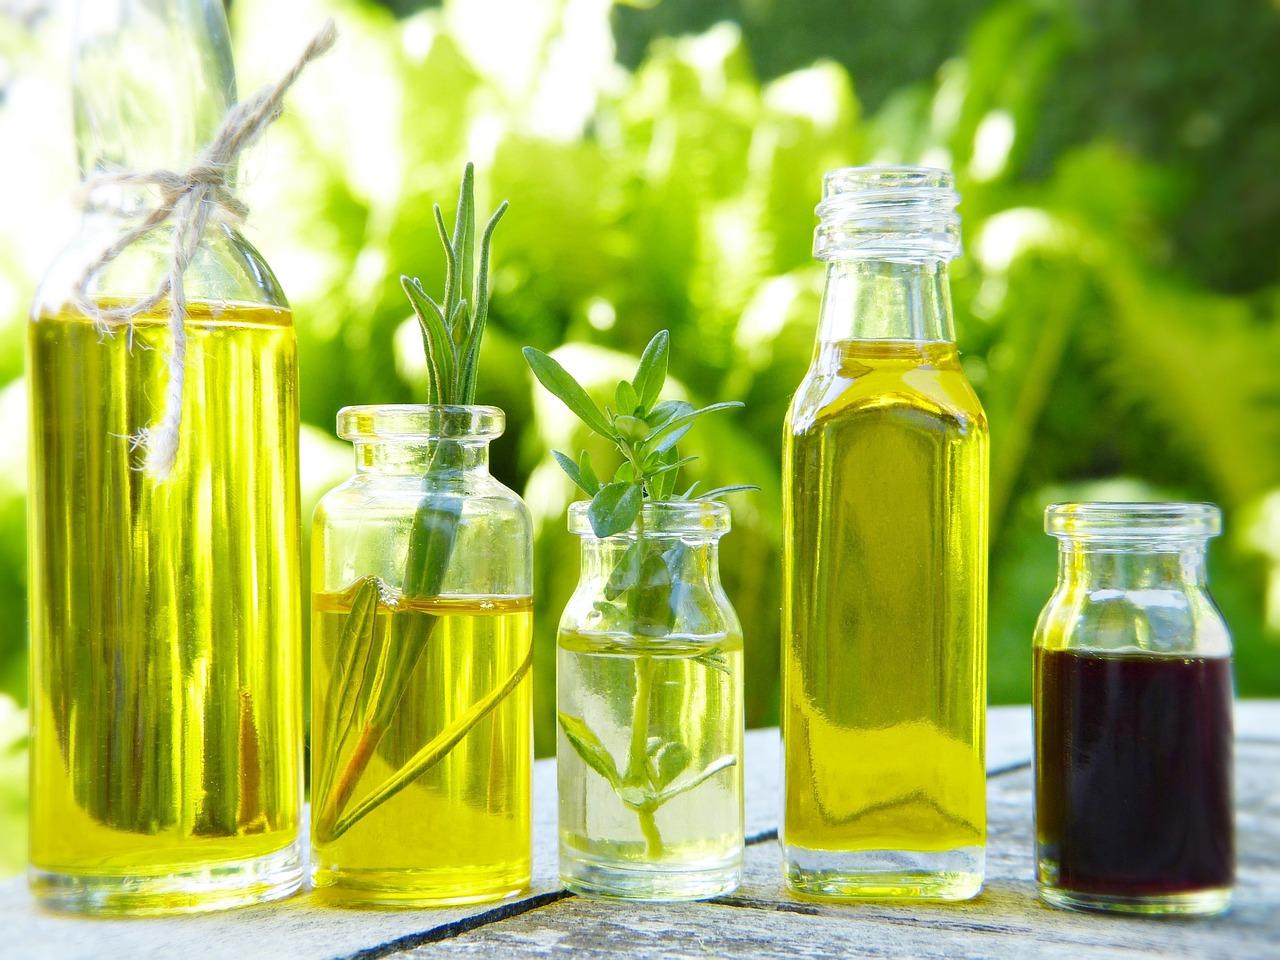 Acidul gras poate ajuta la combaterea sclerozei multiple